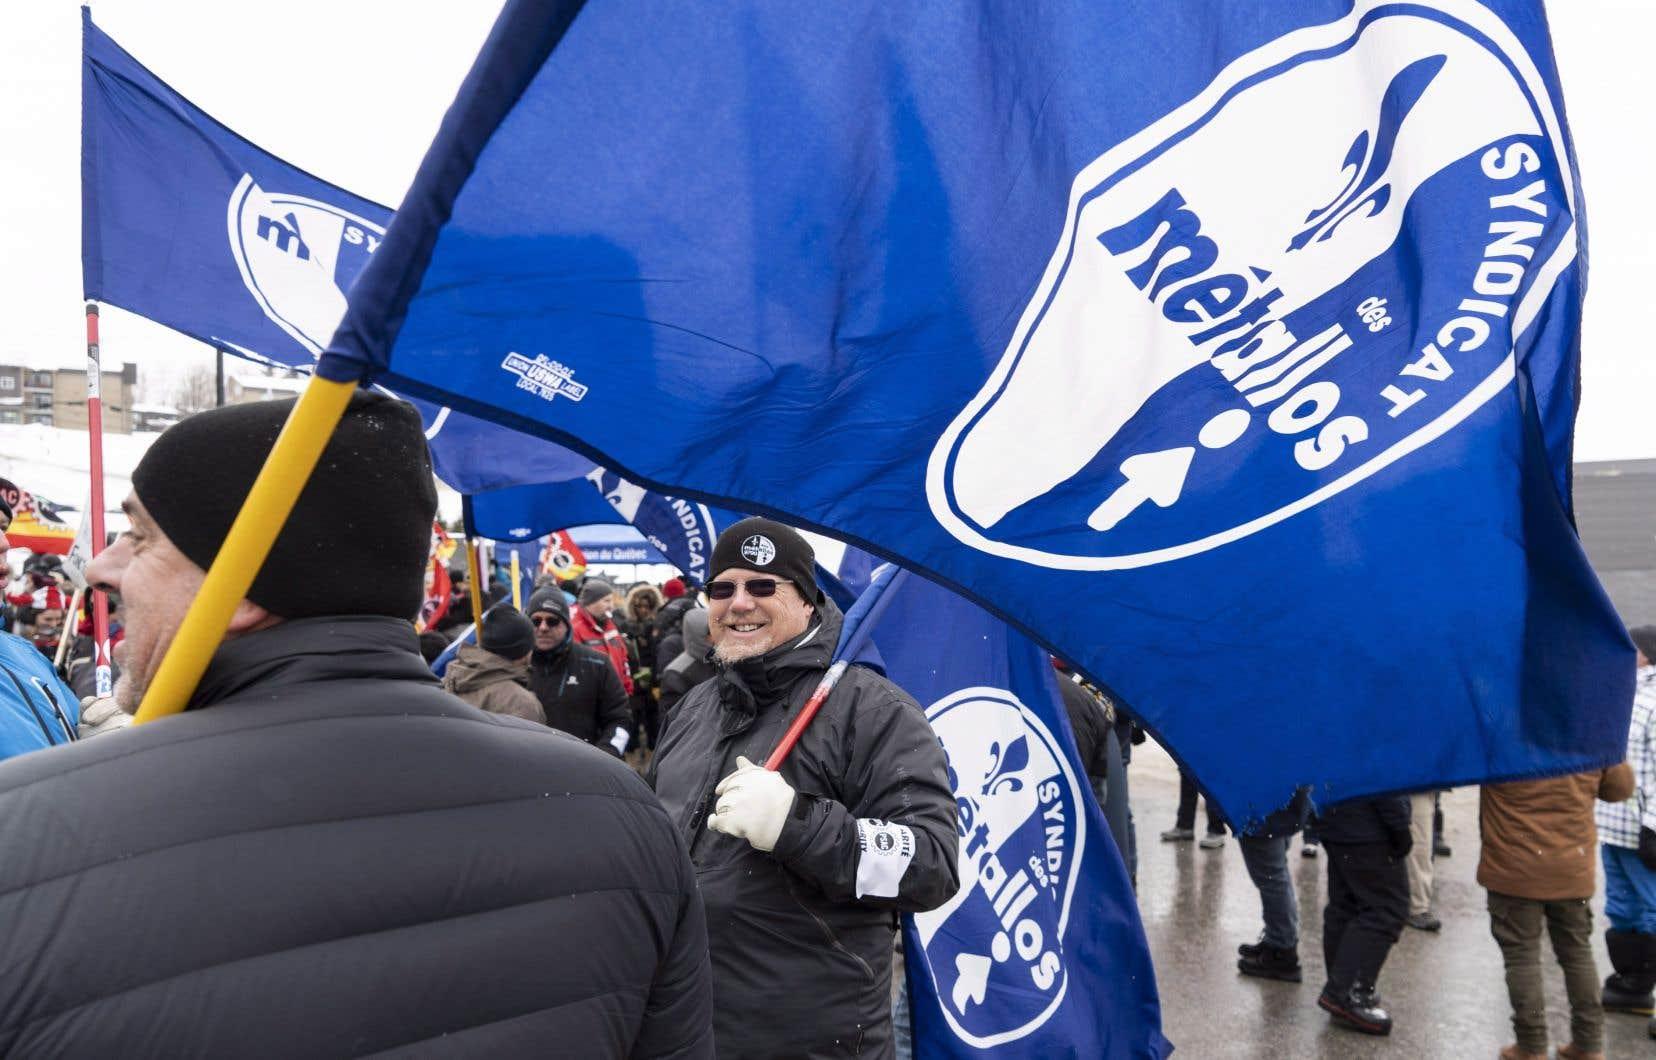 Des syndiqués manifestent devant un hôtel où le premier ministre Justin Trudeau tient une réunion à Sherbrooke, le mercredi 16 janvier 2019.